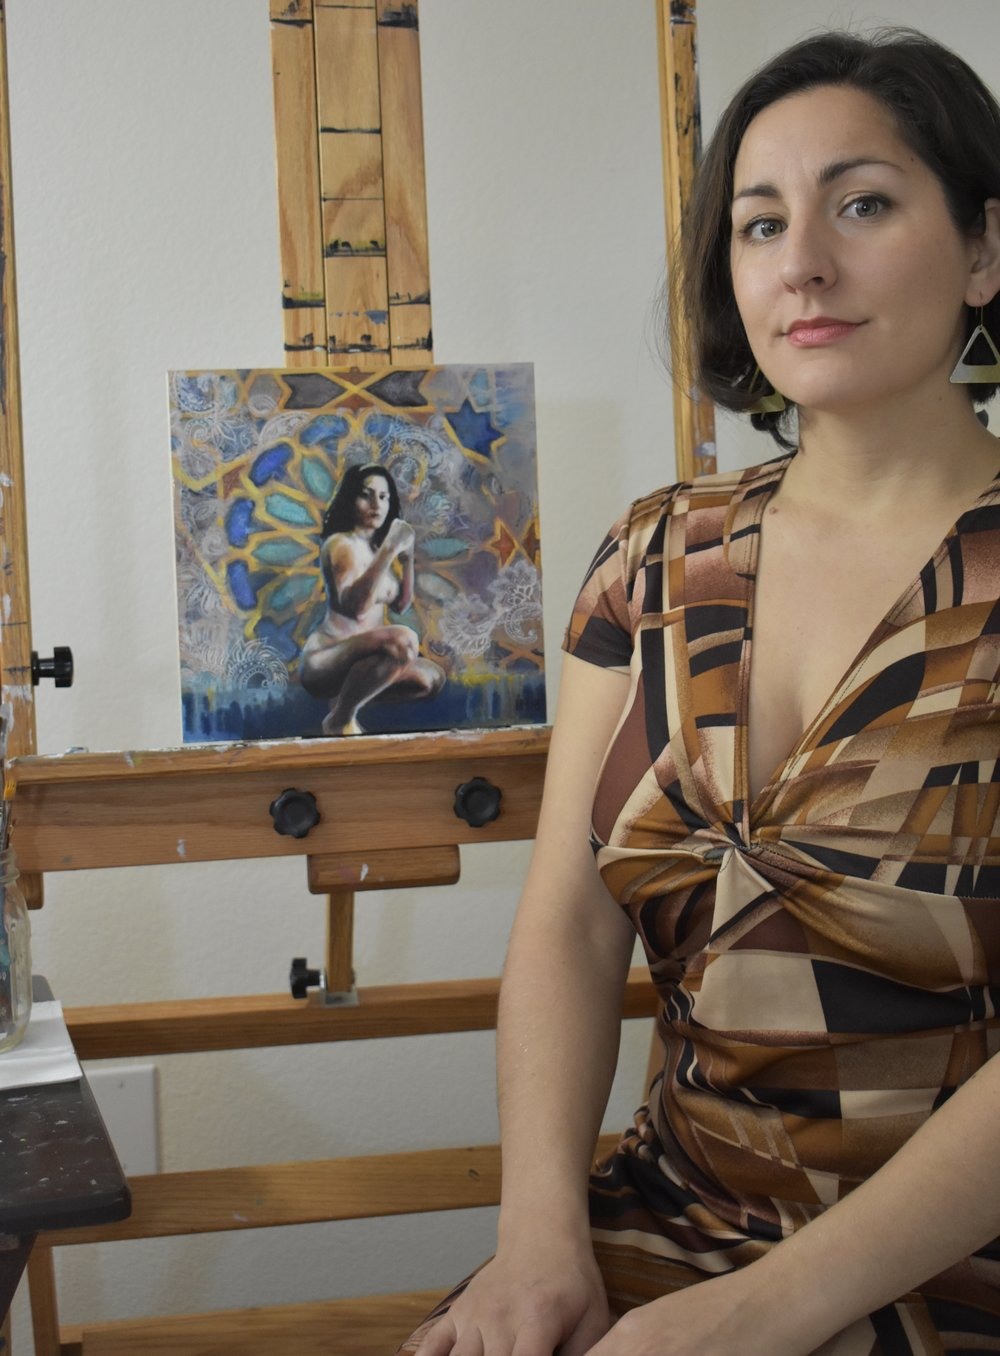 Hannah_Moghbel_VisionsofVenus_studio1.jpg